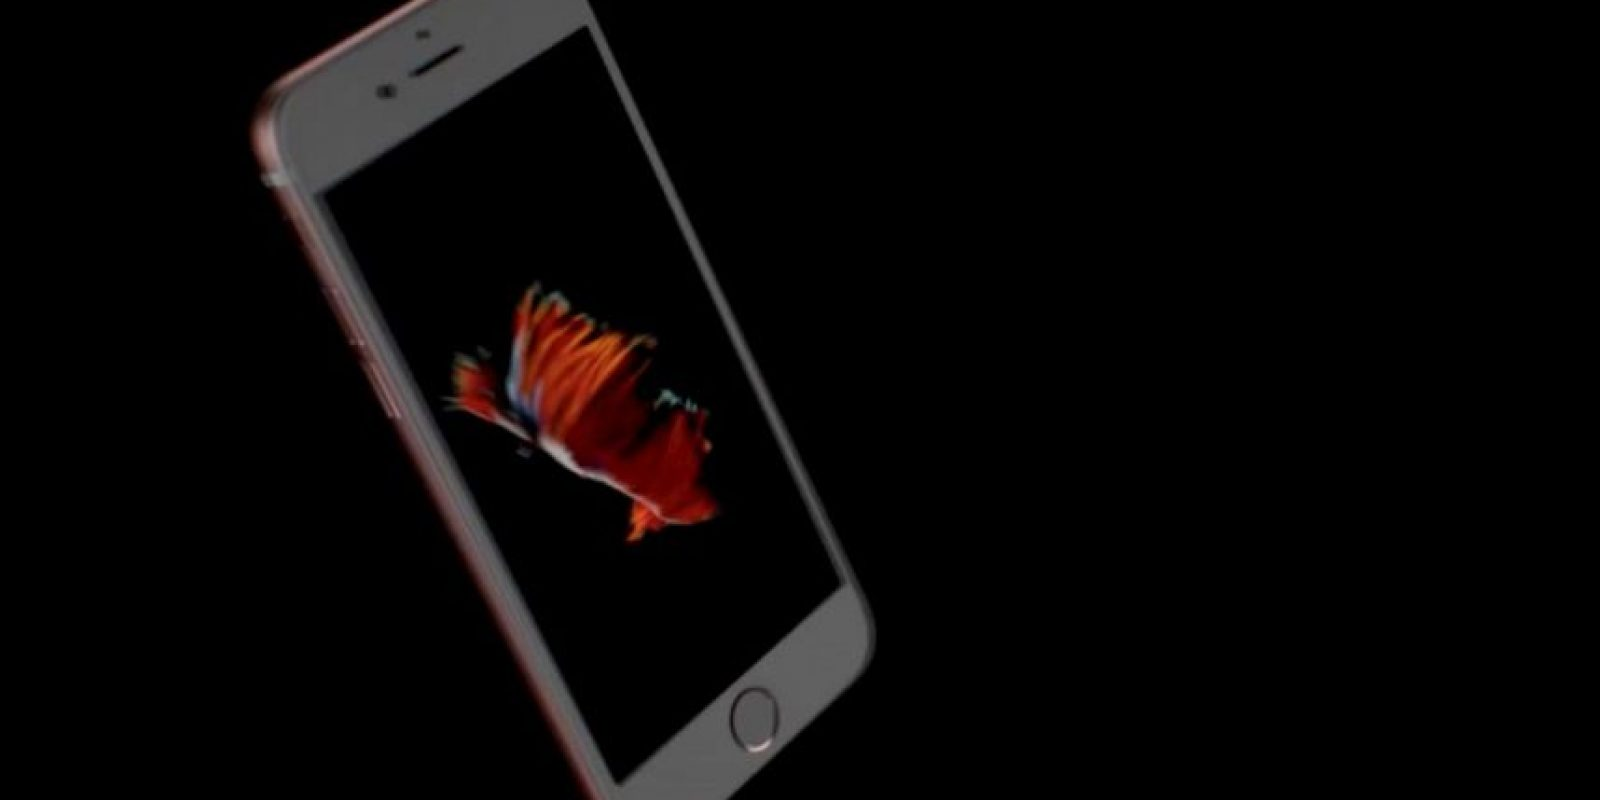 Existen tres modelos, por ejemplo, el iPhone 6s de 16GB tiene un costo de 649 dólares, pero si no es suficiente, deben desembolsar 100 dólares más por 64GB (749 dólares) o pagar 849 dólares por 128GB. Foto:Apple